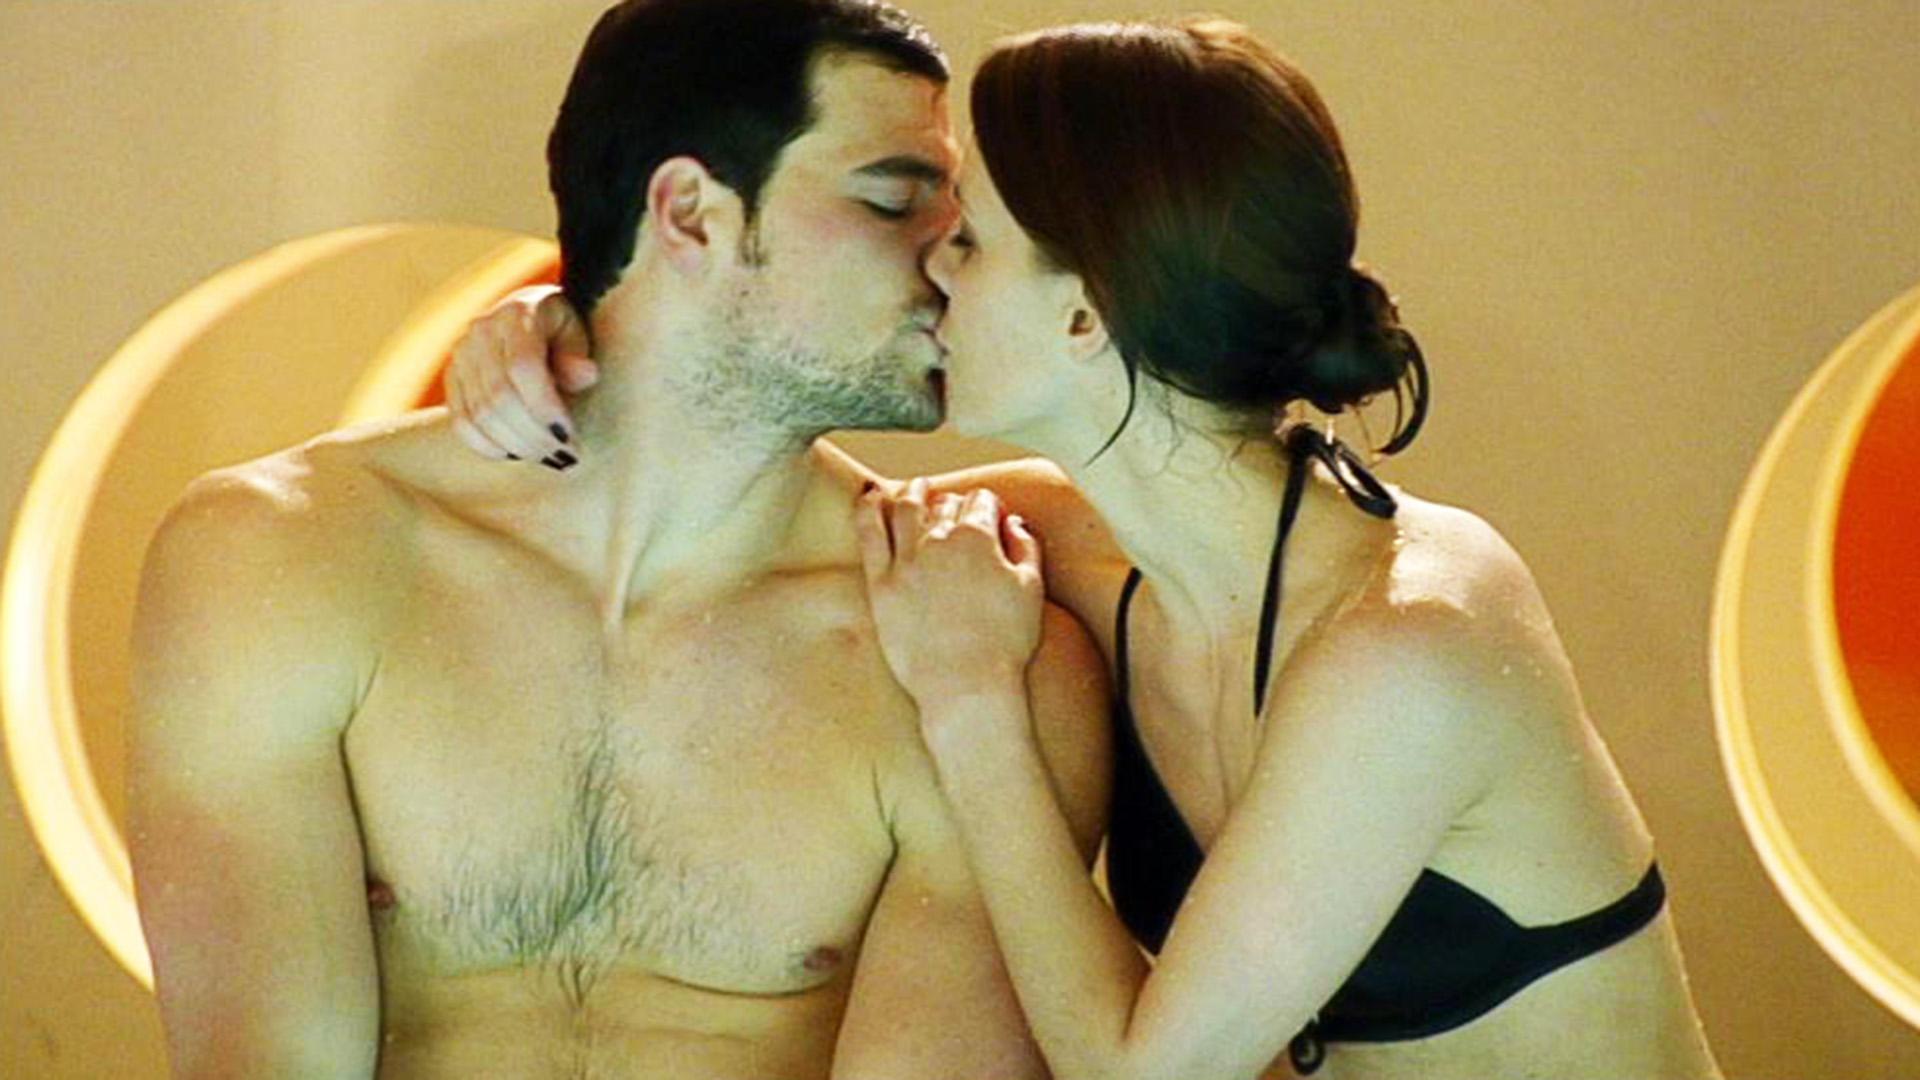 Beichtet Deniz Lars die Wahrheit über Jennys Intrige?